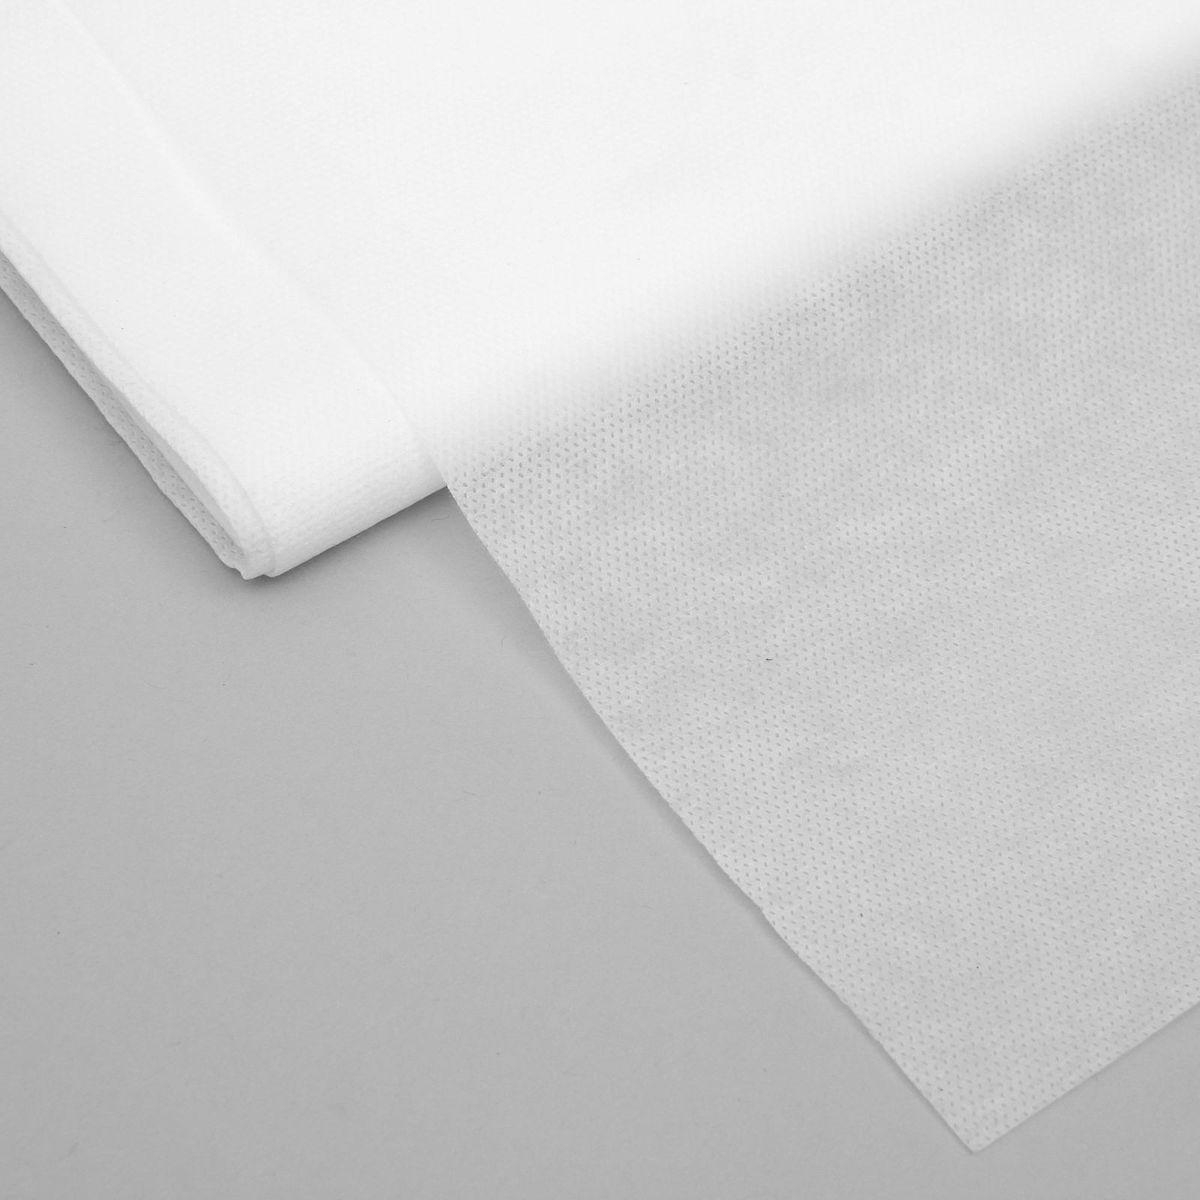 Материал укрывной Агротекс, цвет: белый, 10 х 1,6 м. 693572693572Многофункциональность, надежность и высокое качество - вот отличительные черты укрывного материала Агротекс. Укрывной материал можно использовать на грядках. Благодаря специально разработанной текстуре он обеспечит надежную защиту даже самых ранних побегов от: -заморозков; -солнечных ожогов; -холодной росы; -дождей; -птиц и грызунов. Материал создает мягкий, комфортный микроклимат, который способствует росту и развитию рассады. Благодаря новейшим разработкам укрывной материал удерживает влагу, и растения реже нуждаются в поливе. Ближе к зиме опытные садоводы укутывают им стволы деревьев, теплицы и грядки, чтобы исключить промерзание земли и корневой системы. Материал Агротекс поможет вам ускорить процесс созревания растений, повысит урожайность, сэкономит средства и силы по уходу за садом.